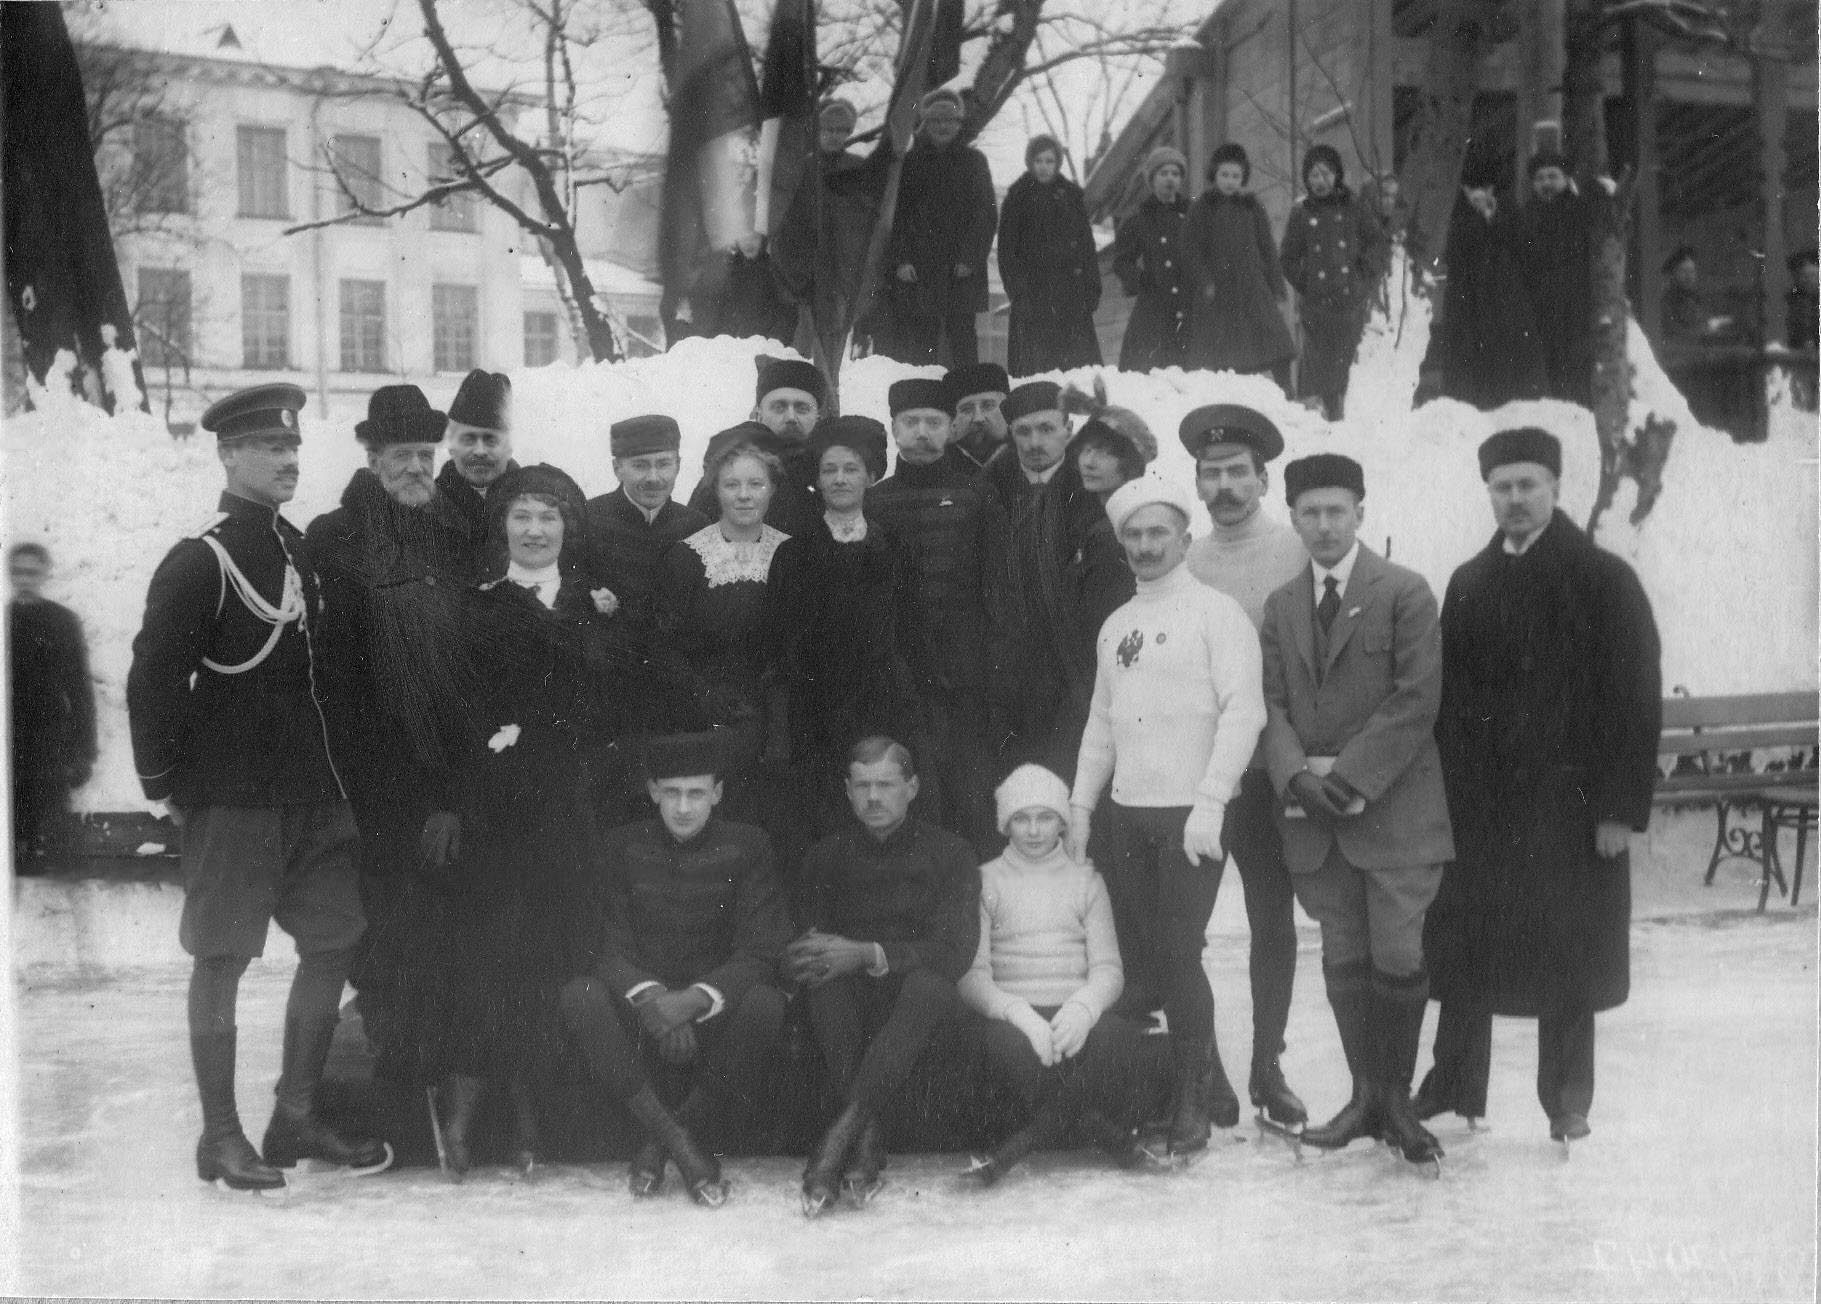 Группа конькобежцев участников соревнований (стоит - 2-й слева Срезневский В.И., 6-й справа - Панин-Коломенский Н.А.). 11 февраля 1913